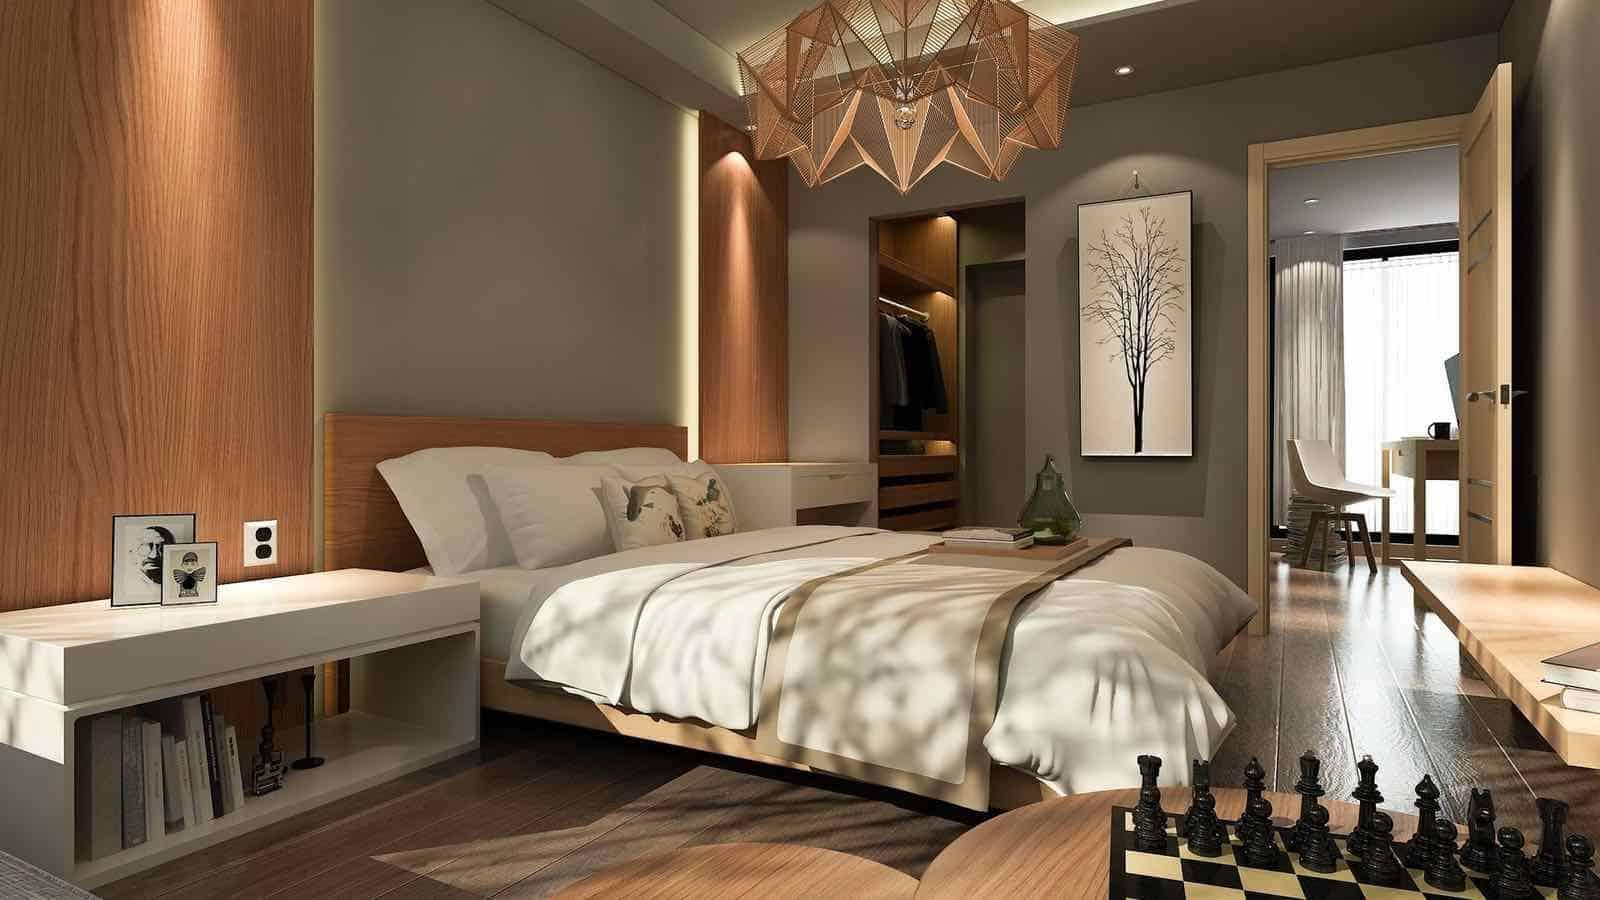 Romantisches Schlafzimmer Im Holz Stil